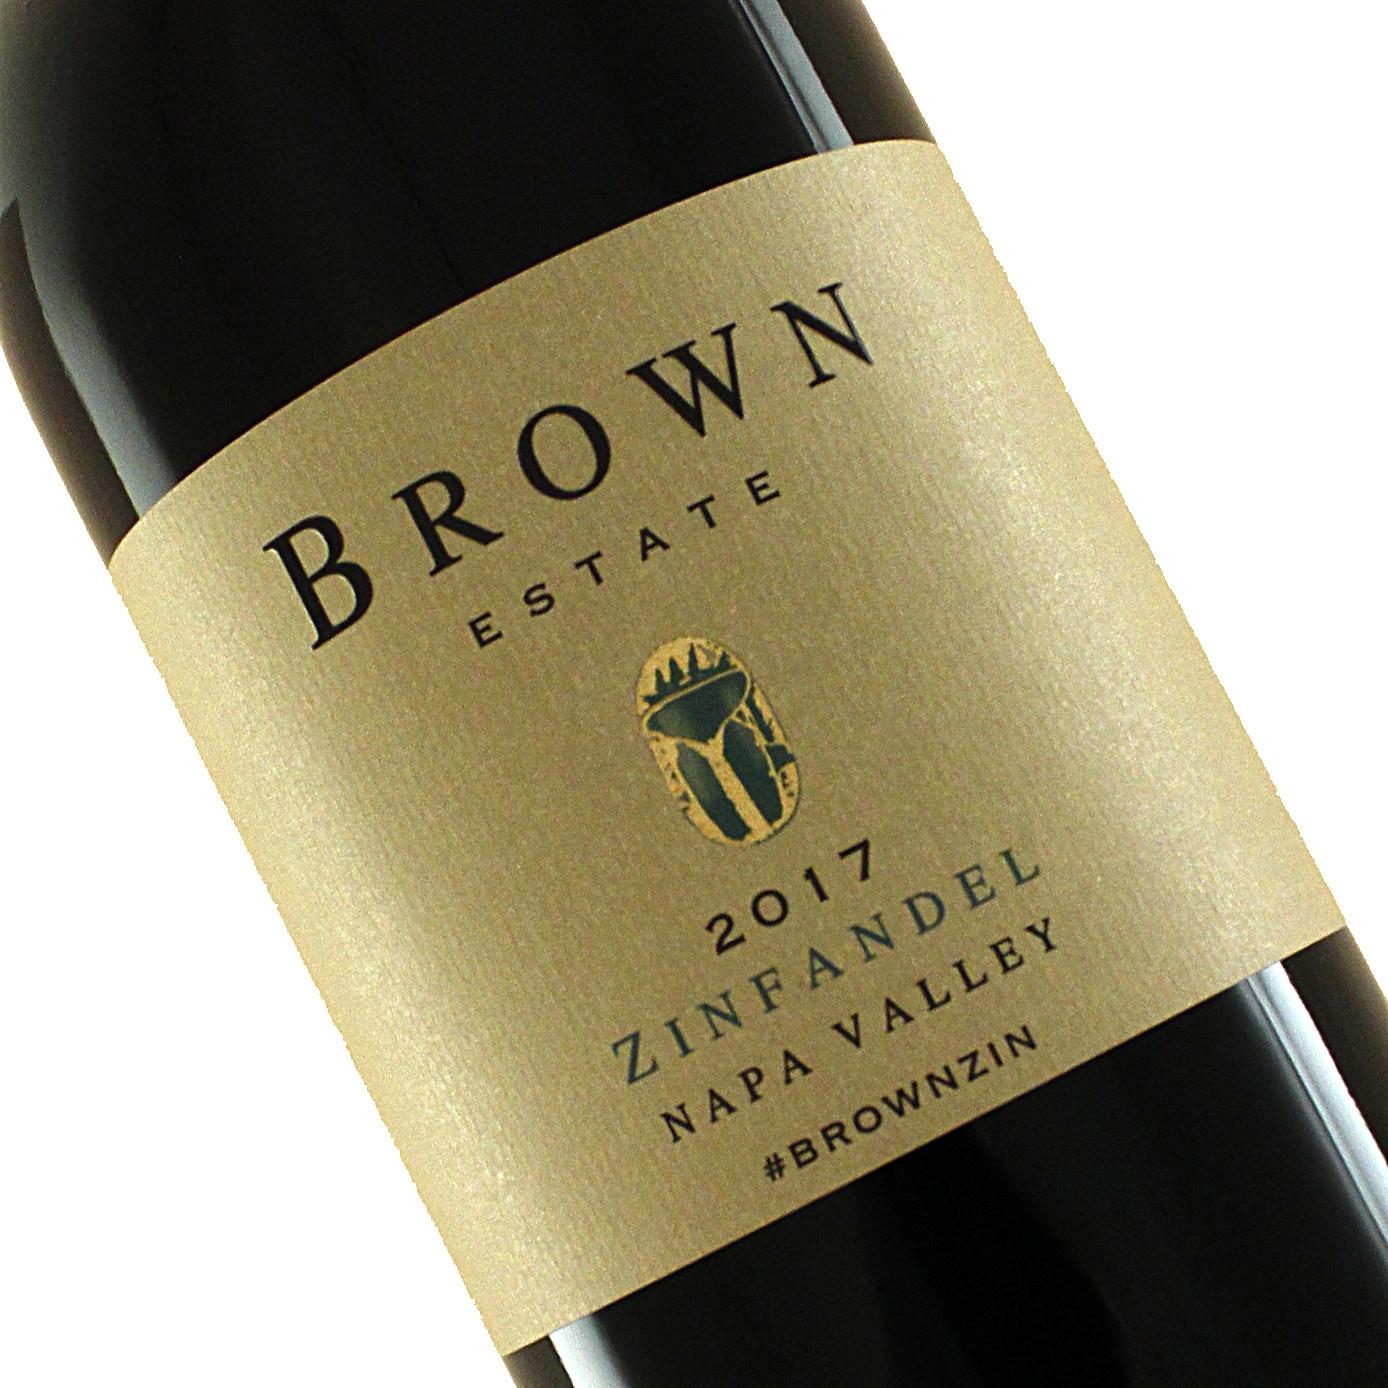 Brown Estate 2017 Zinfandel, Napa Valley